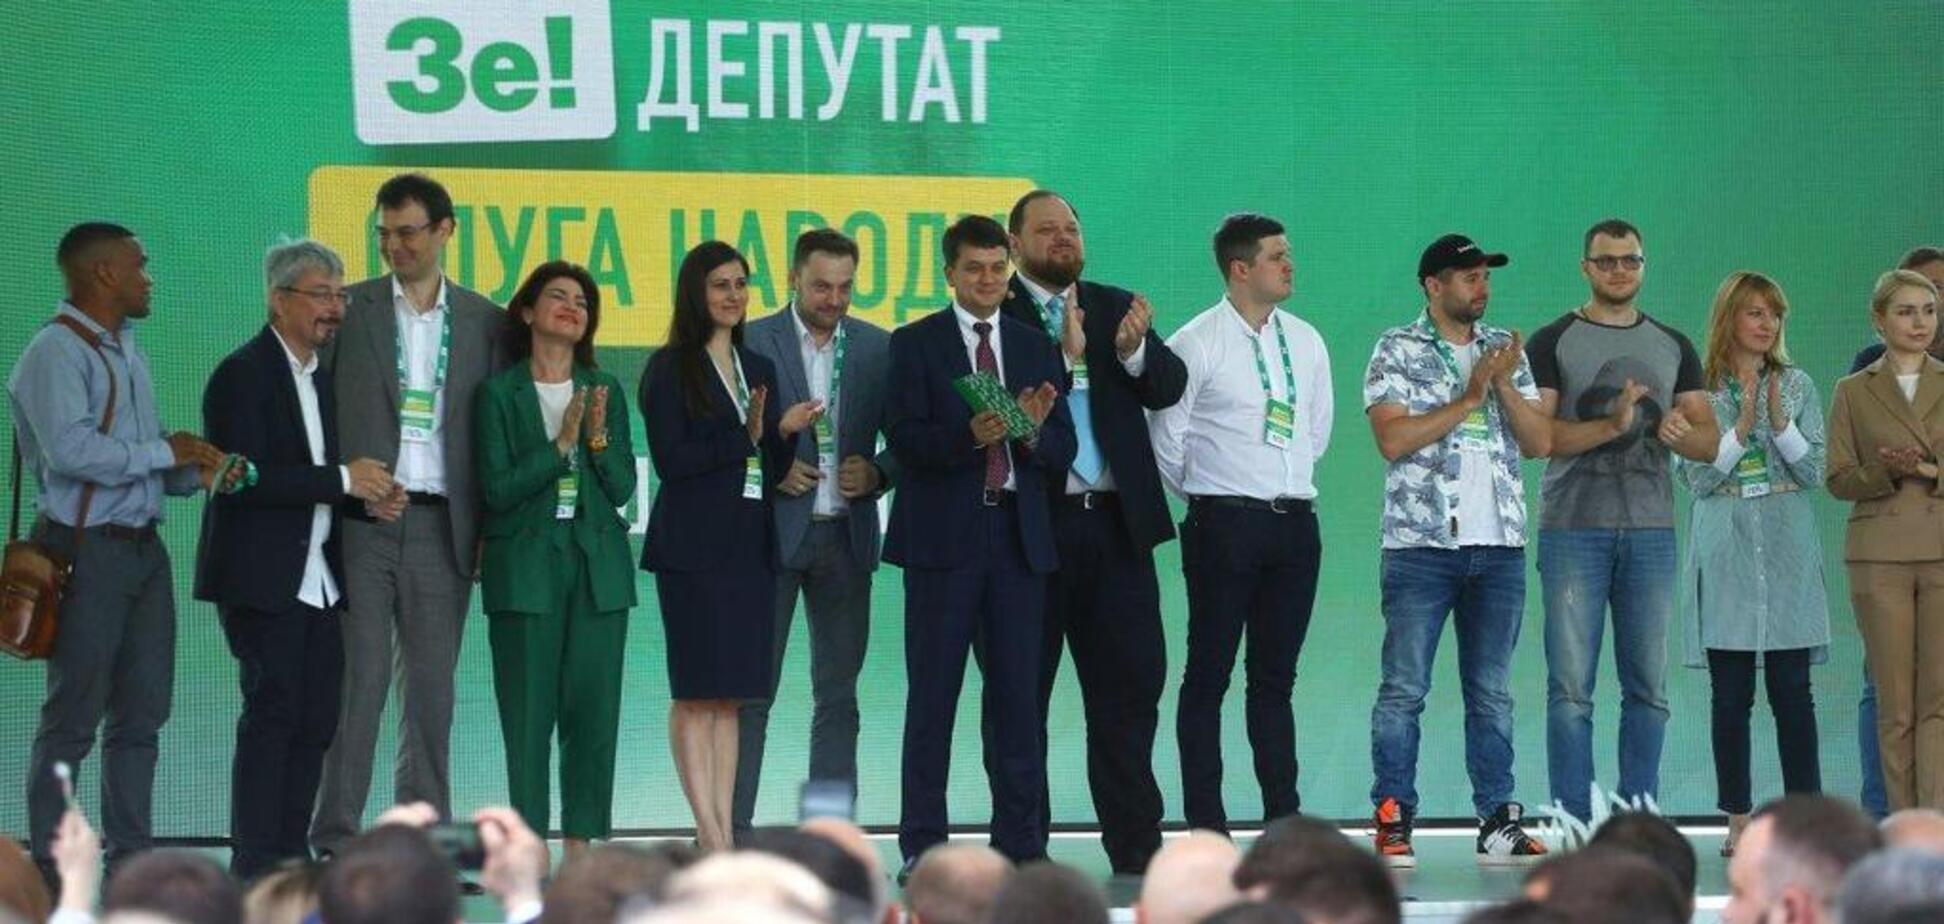 'Подтянуть' шоуменов и комиков: 'слуг народа' отправят в школу после выборов